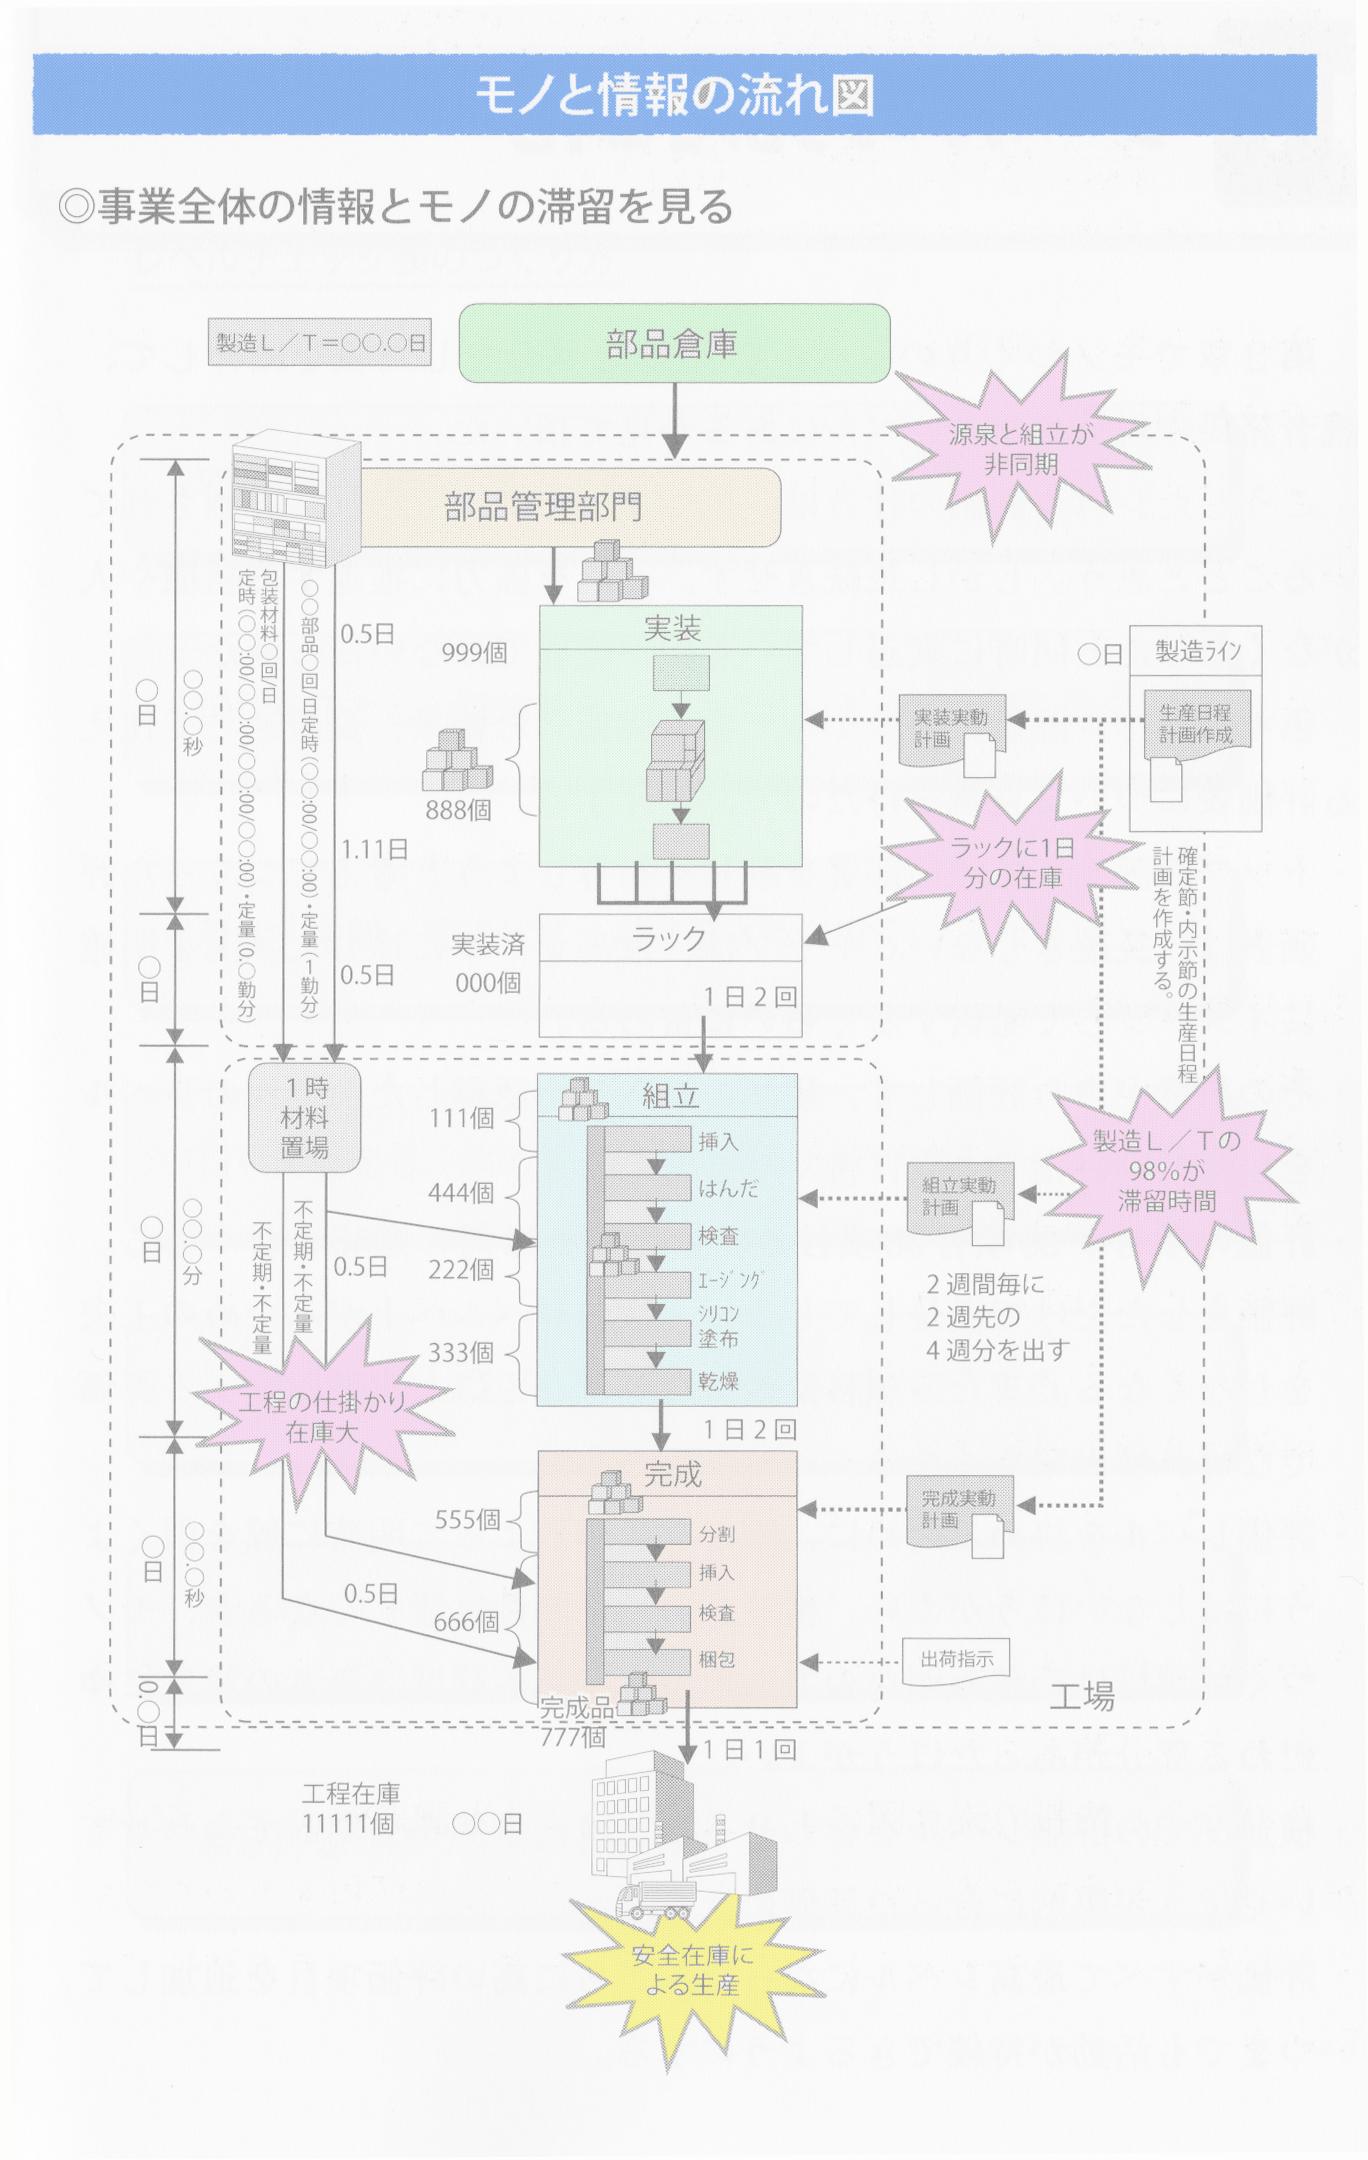 モノと情報の流れ図